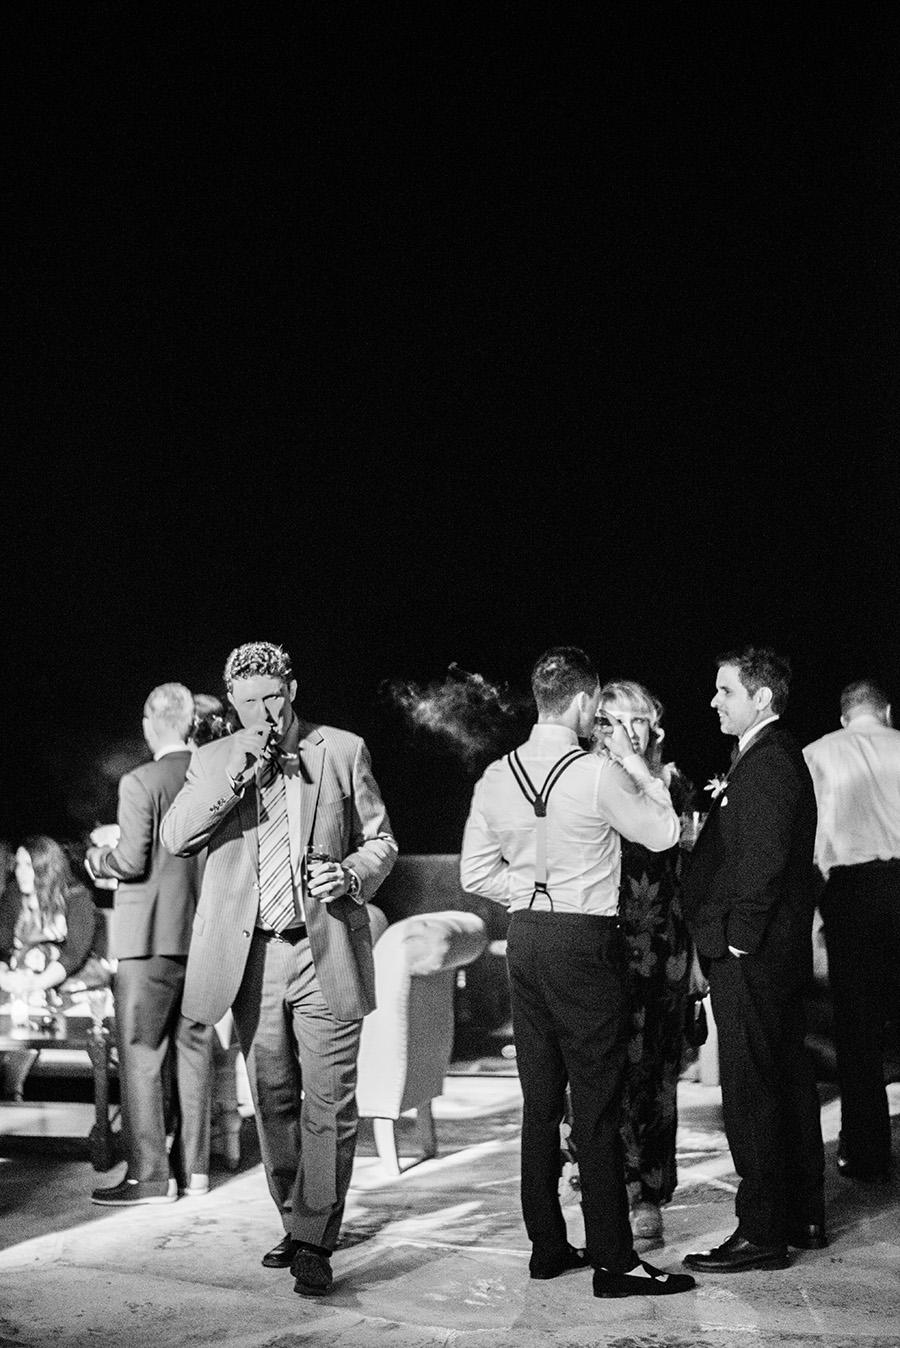 SALLY PINERA_MALIBU ROCKY OAKS WEDDING PHOTOGRAPHY_MALIBU_MARISSA AND PAUL-272.jpg